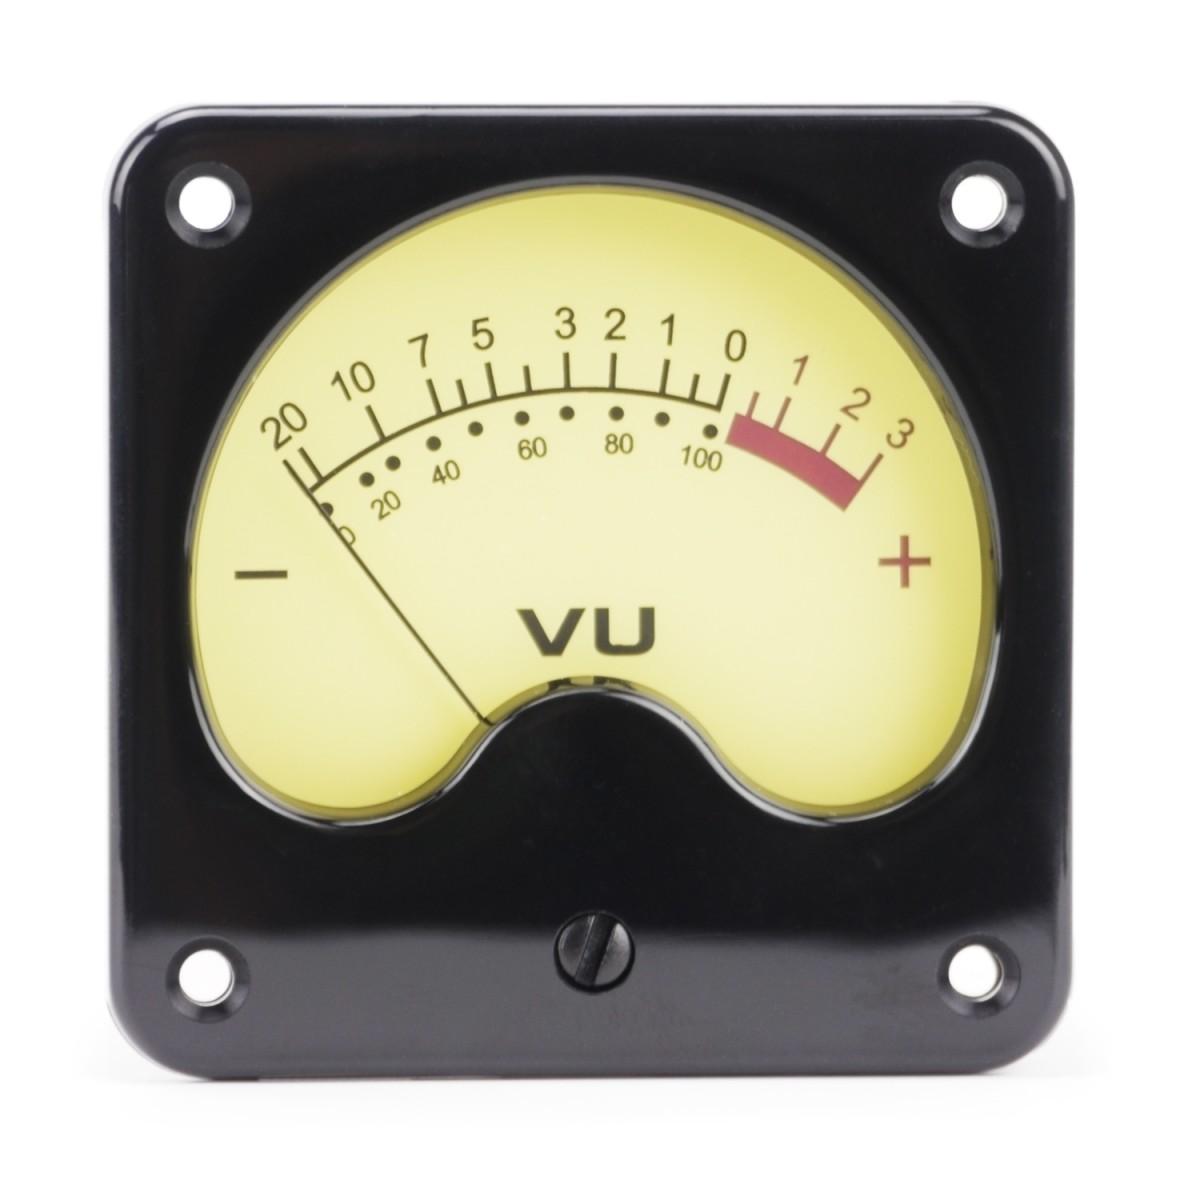 Vintage-Meters-VU-Meter-VM2103_1.jpg